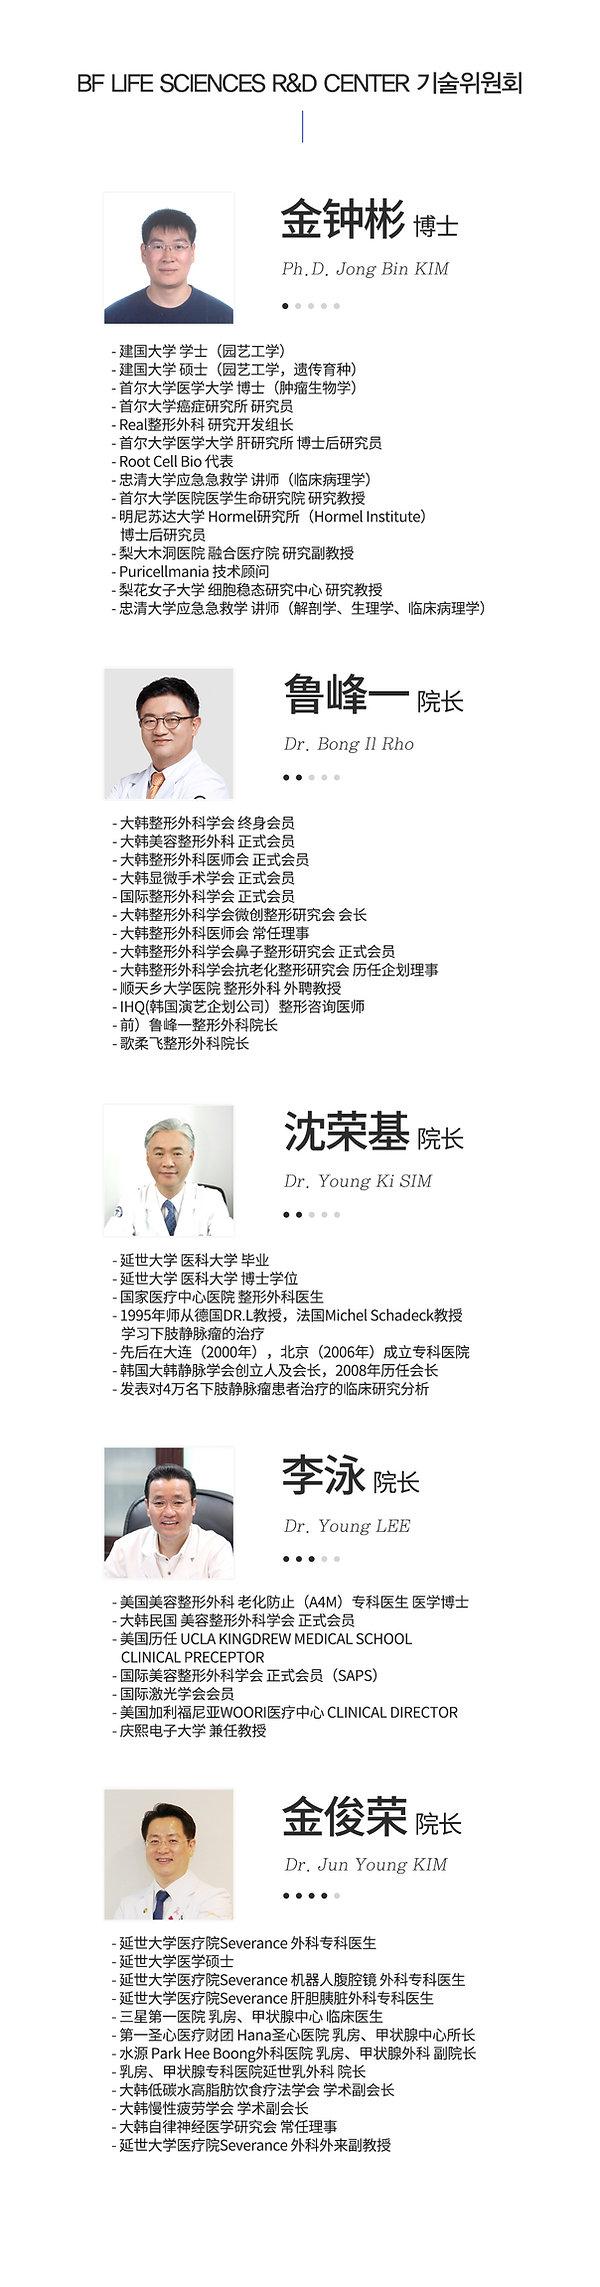 BF R&D CENTER 기술위원회_ch_mobile.jpg